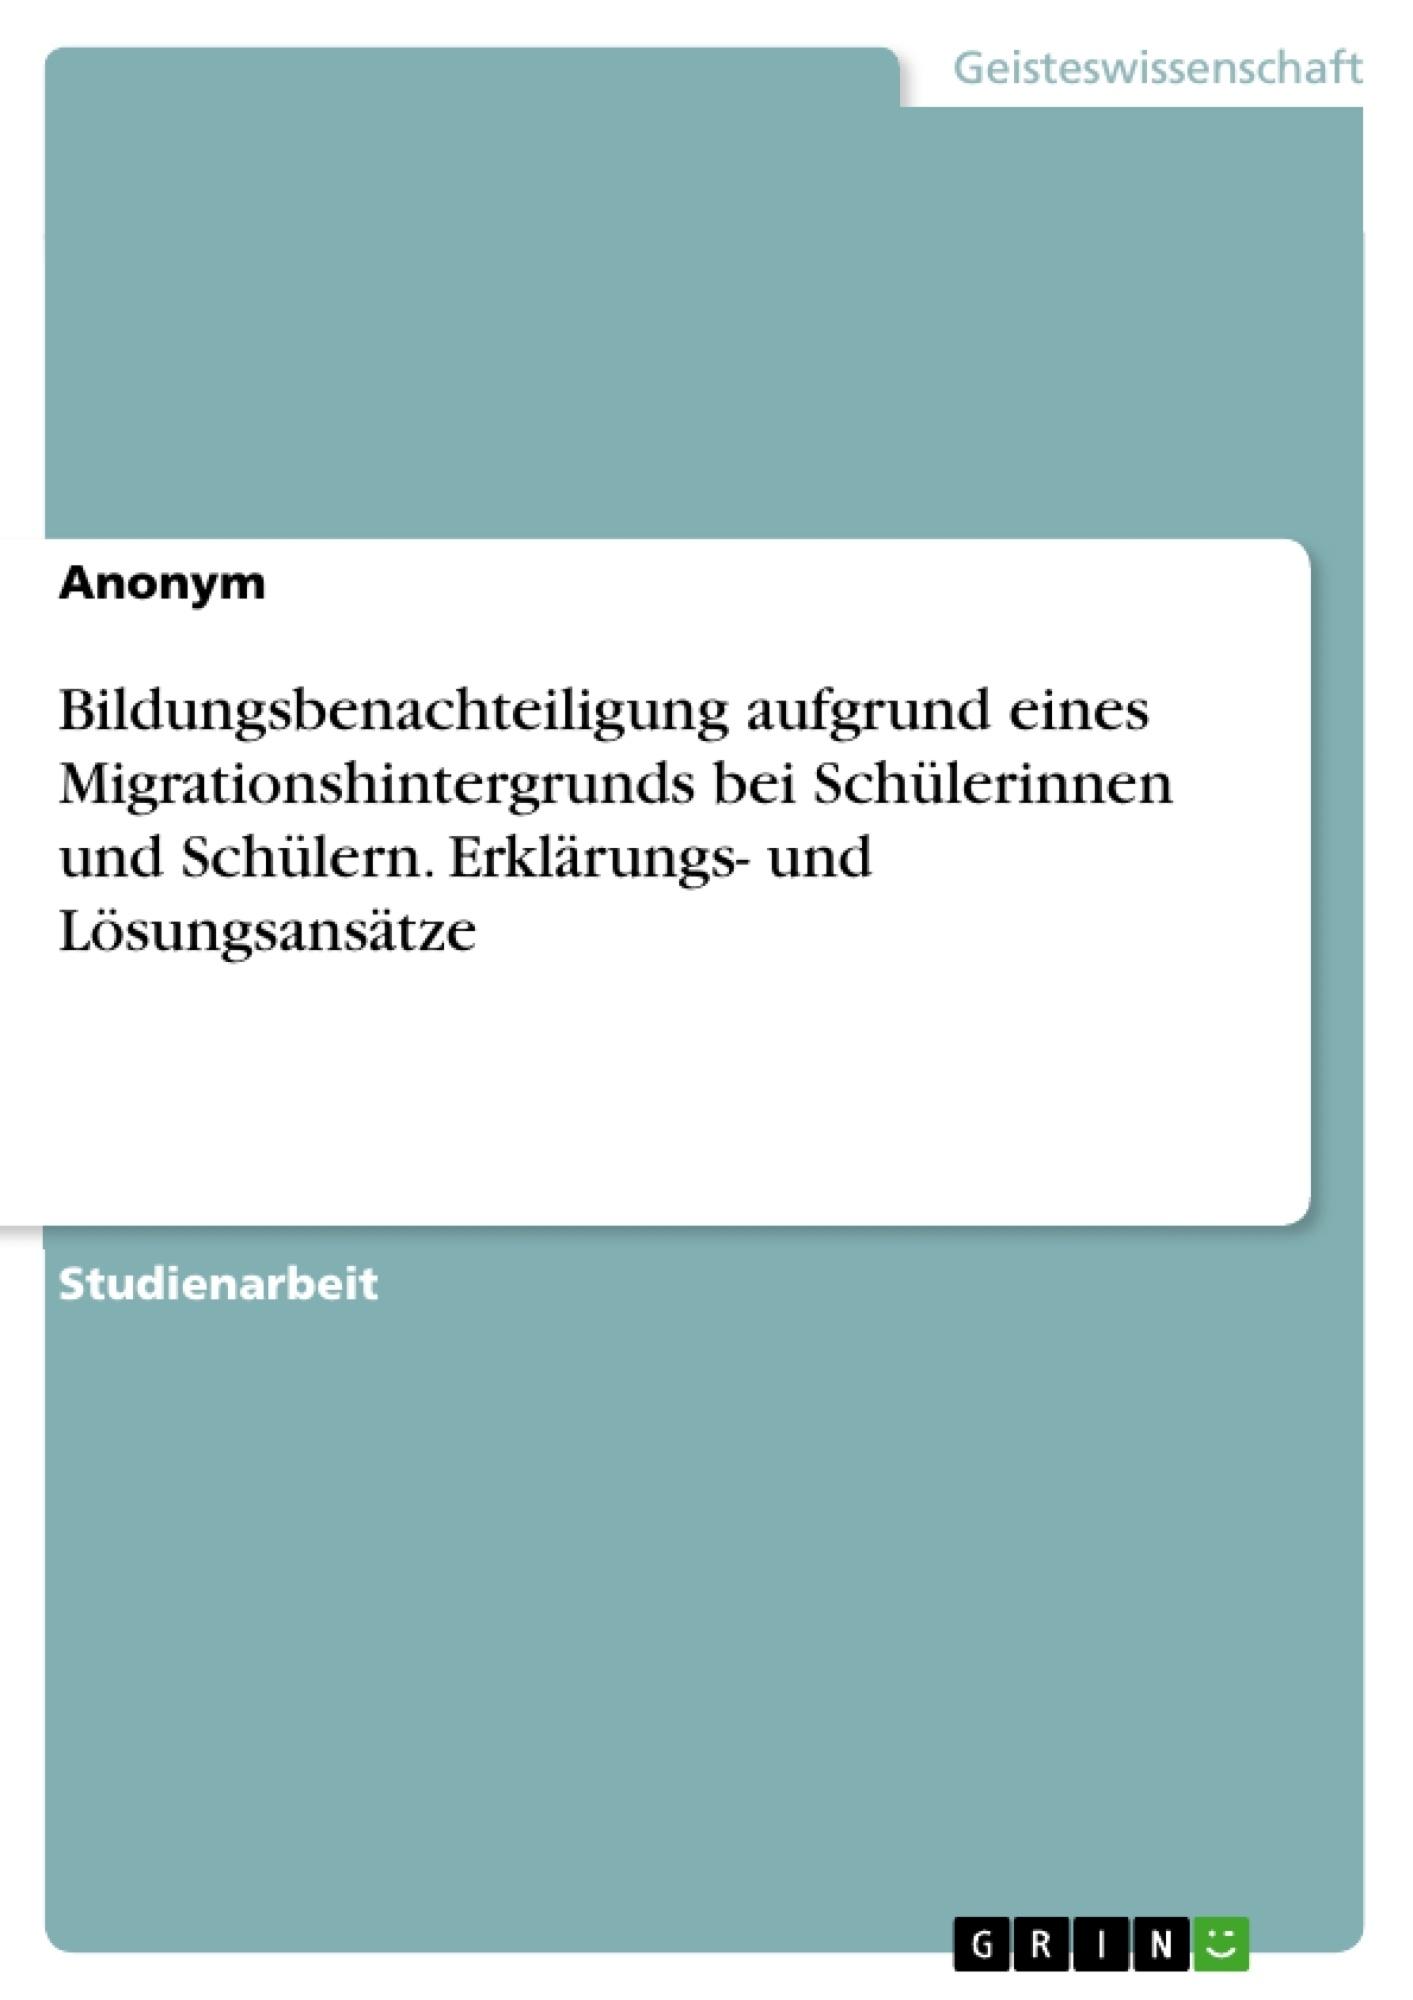 Titel: Bildungsbenachteiligung aufgrund eines Migrationshintergrunds bei Schülerinnen und Schülern. Erklärungs- und Lösungsansätze